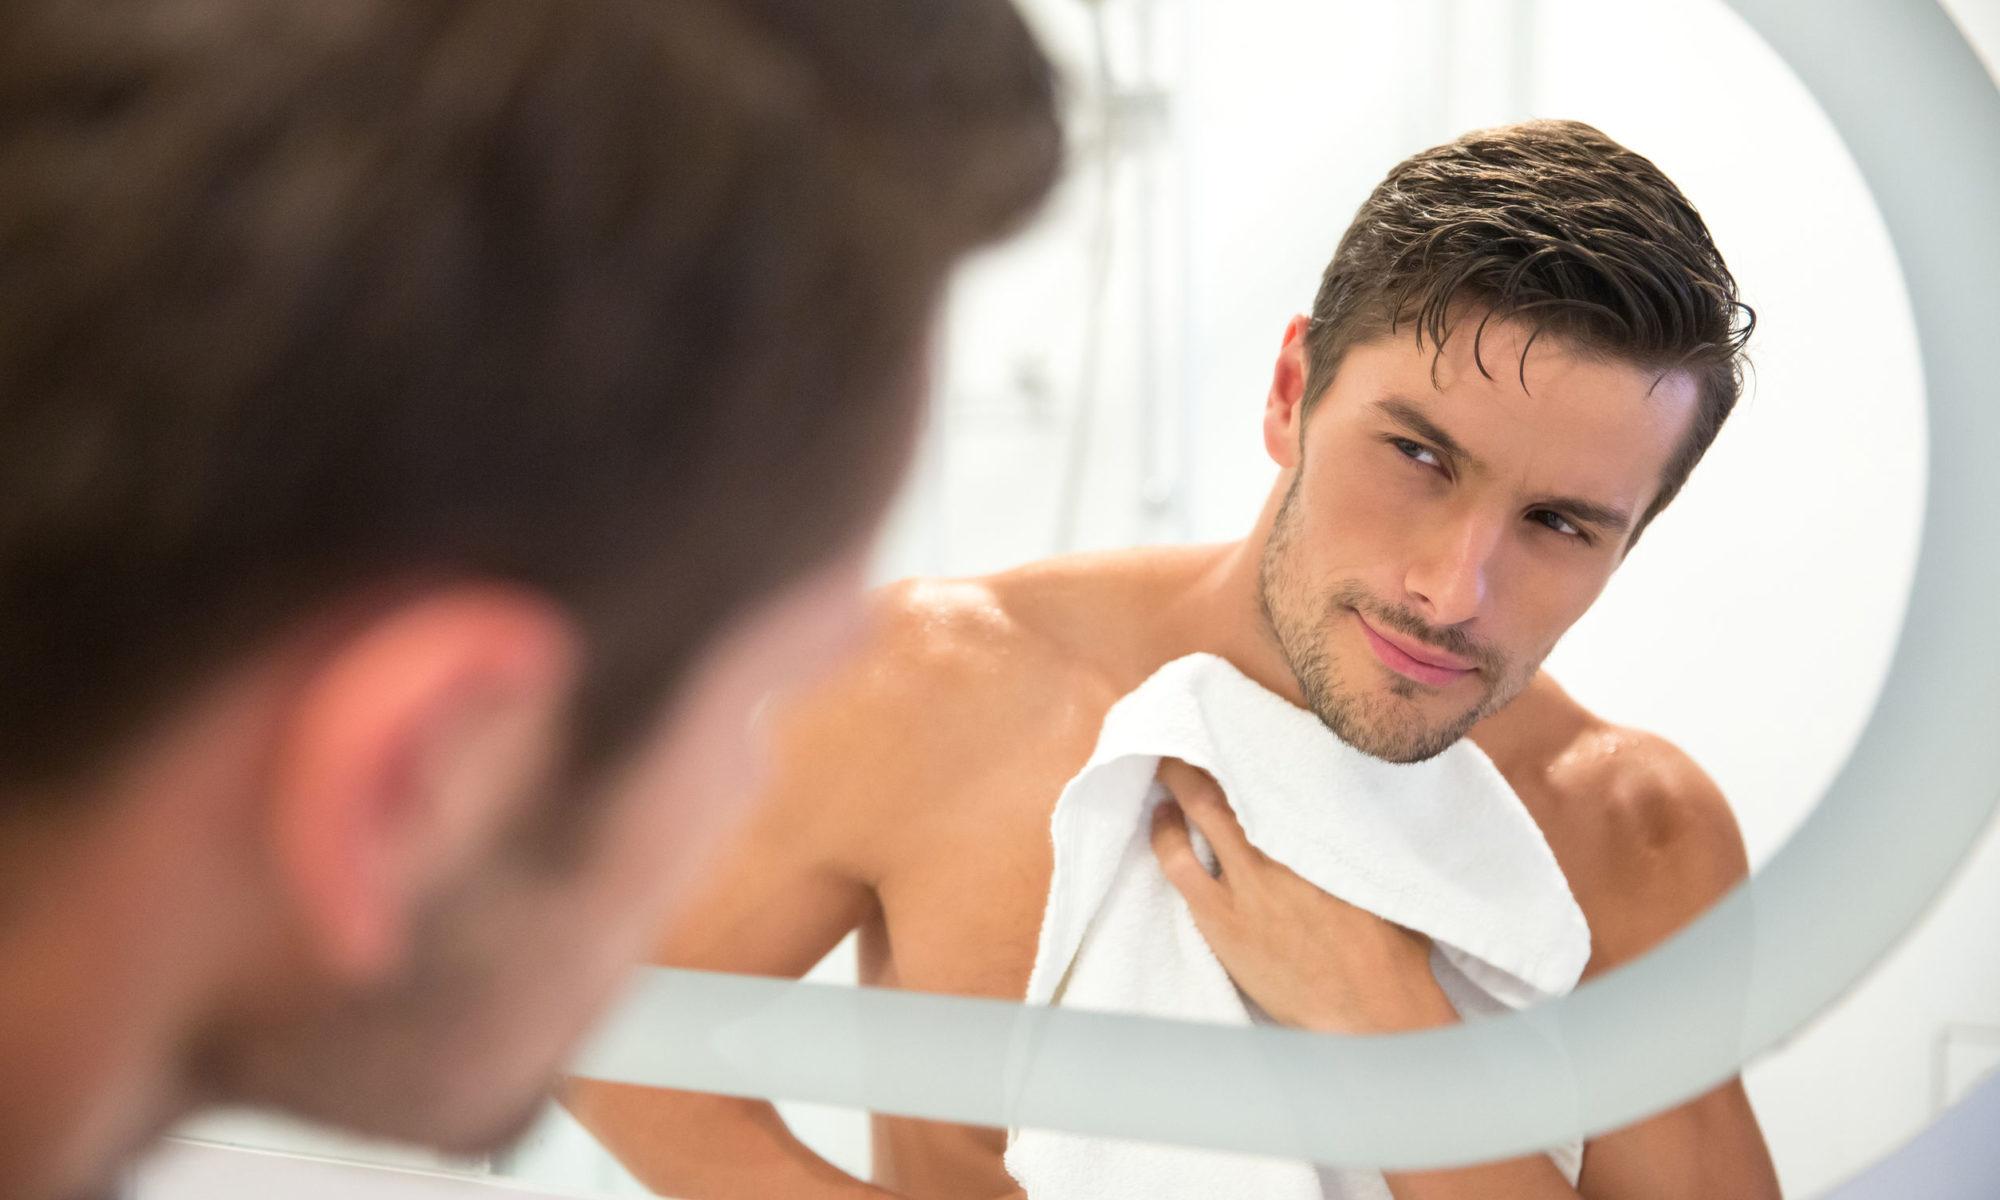 Für beanspurchte Männerhaut gibt es eine idividuelle Pflege.